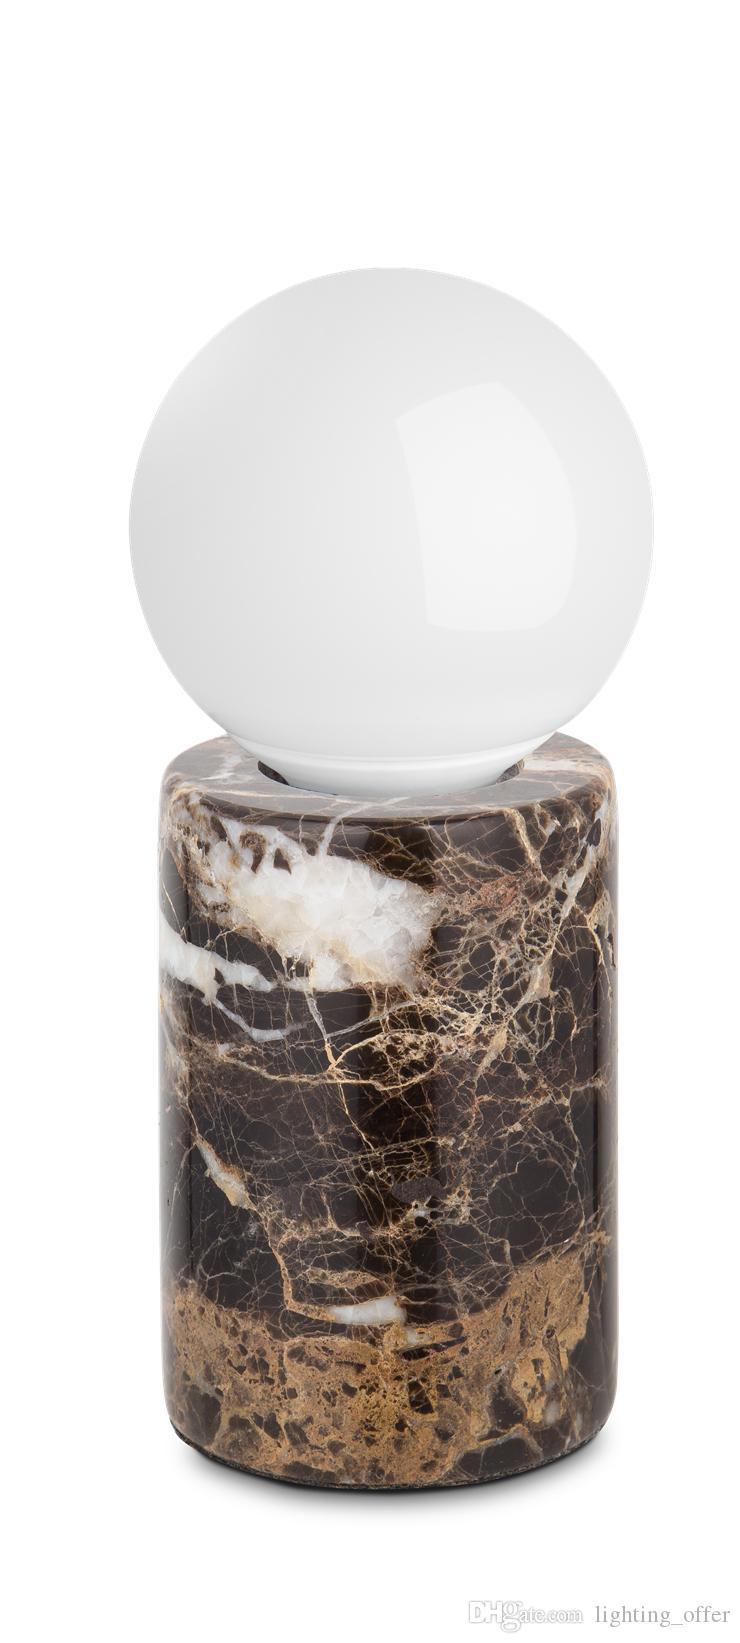 Персонализированная мраморная настольная лампа круговая новая эра креативной лампы E27 LED Lamp